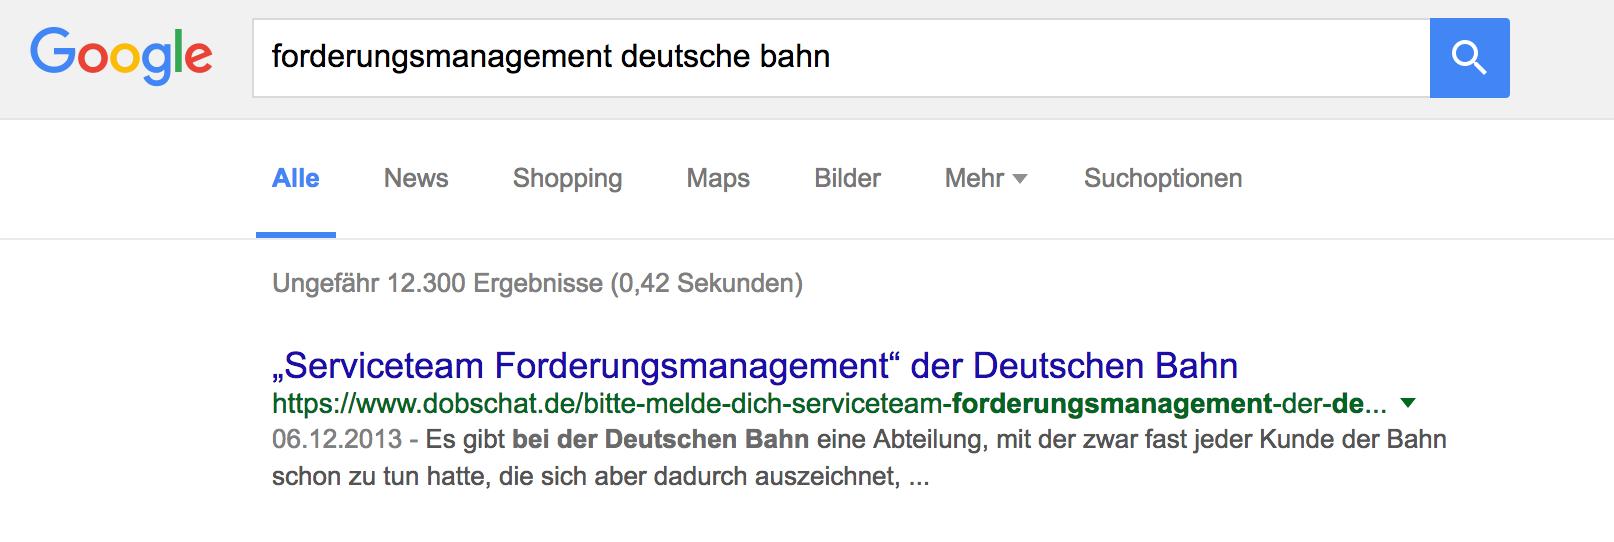 Ich bin nicht das Serviceteam Forderungsmanagement der Deutschen Bahn!